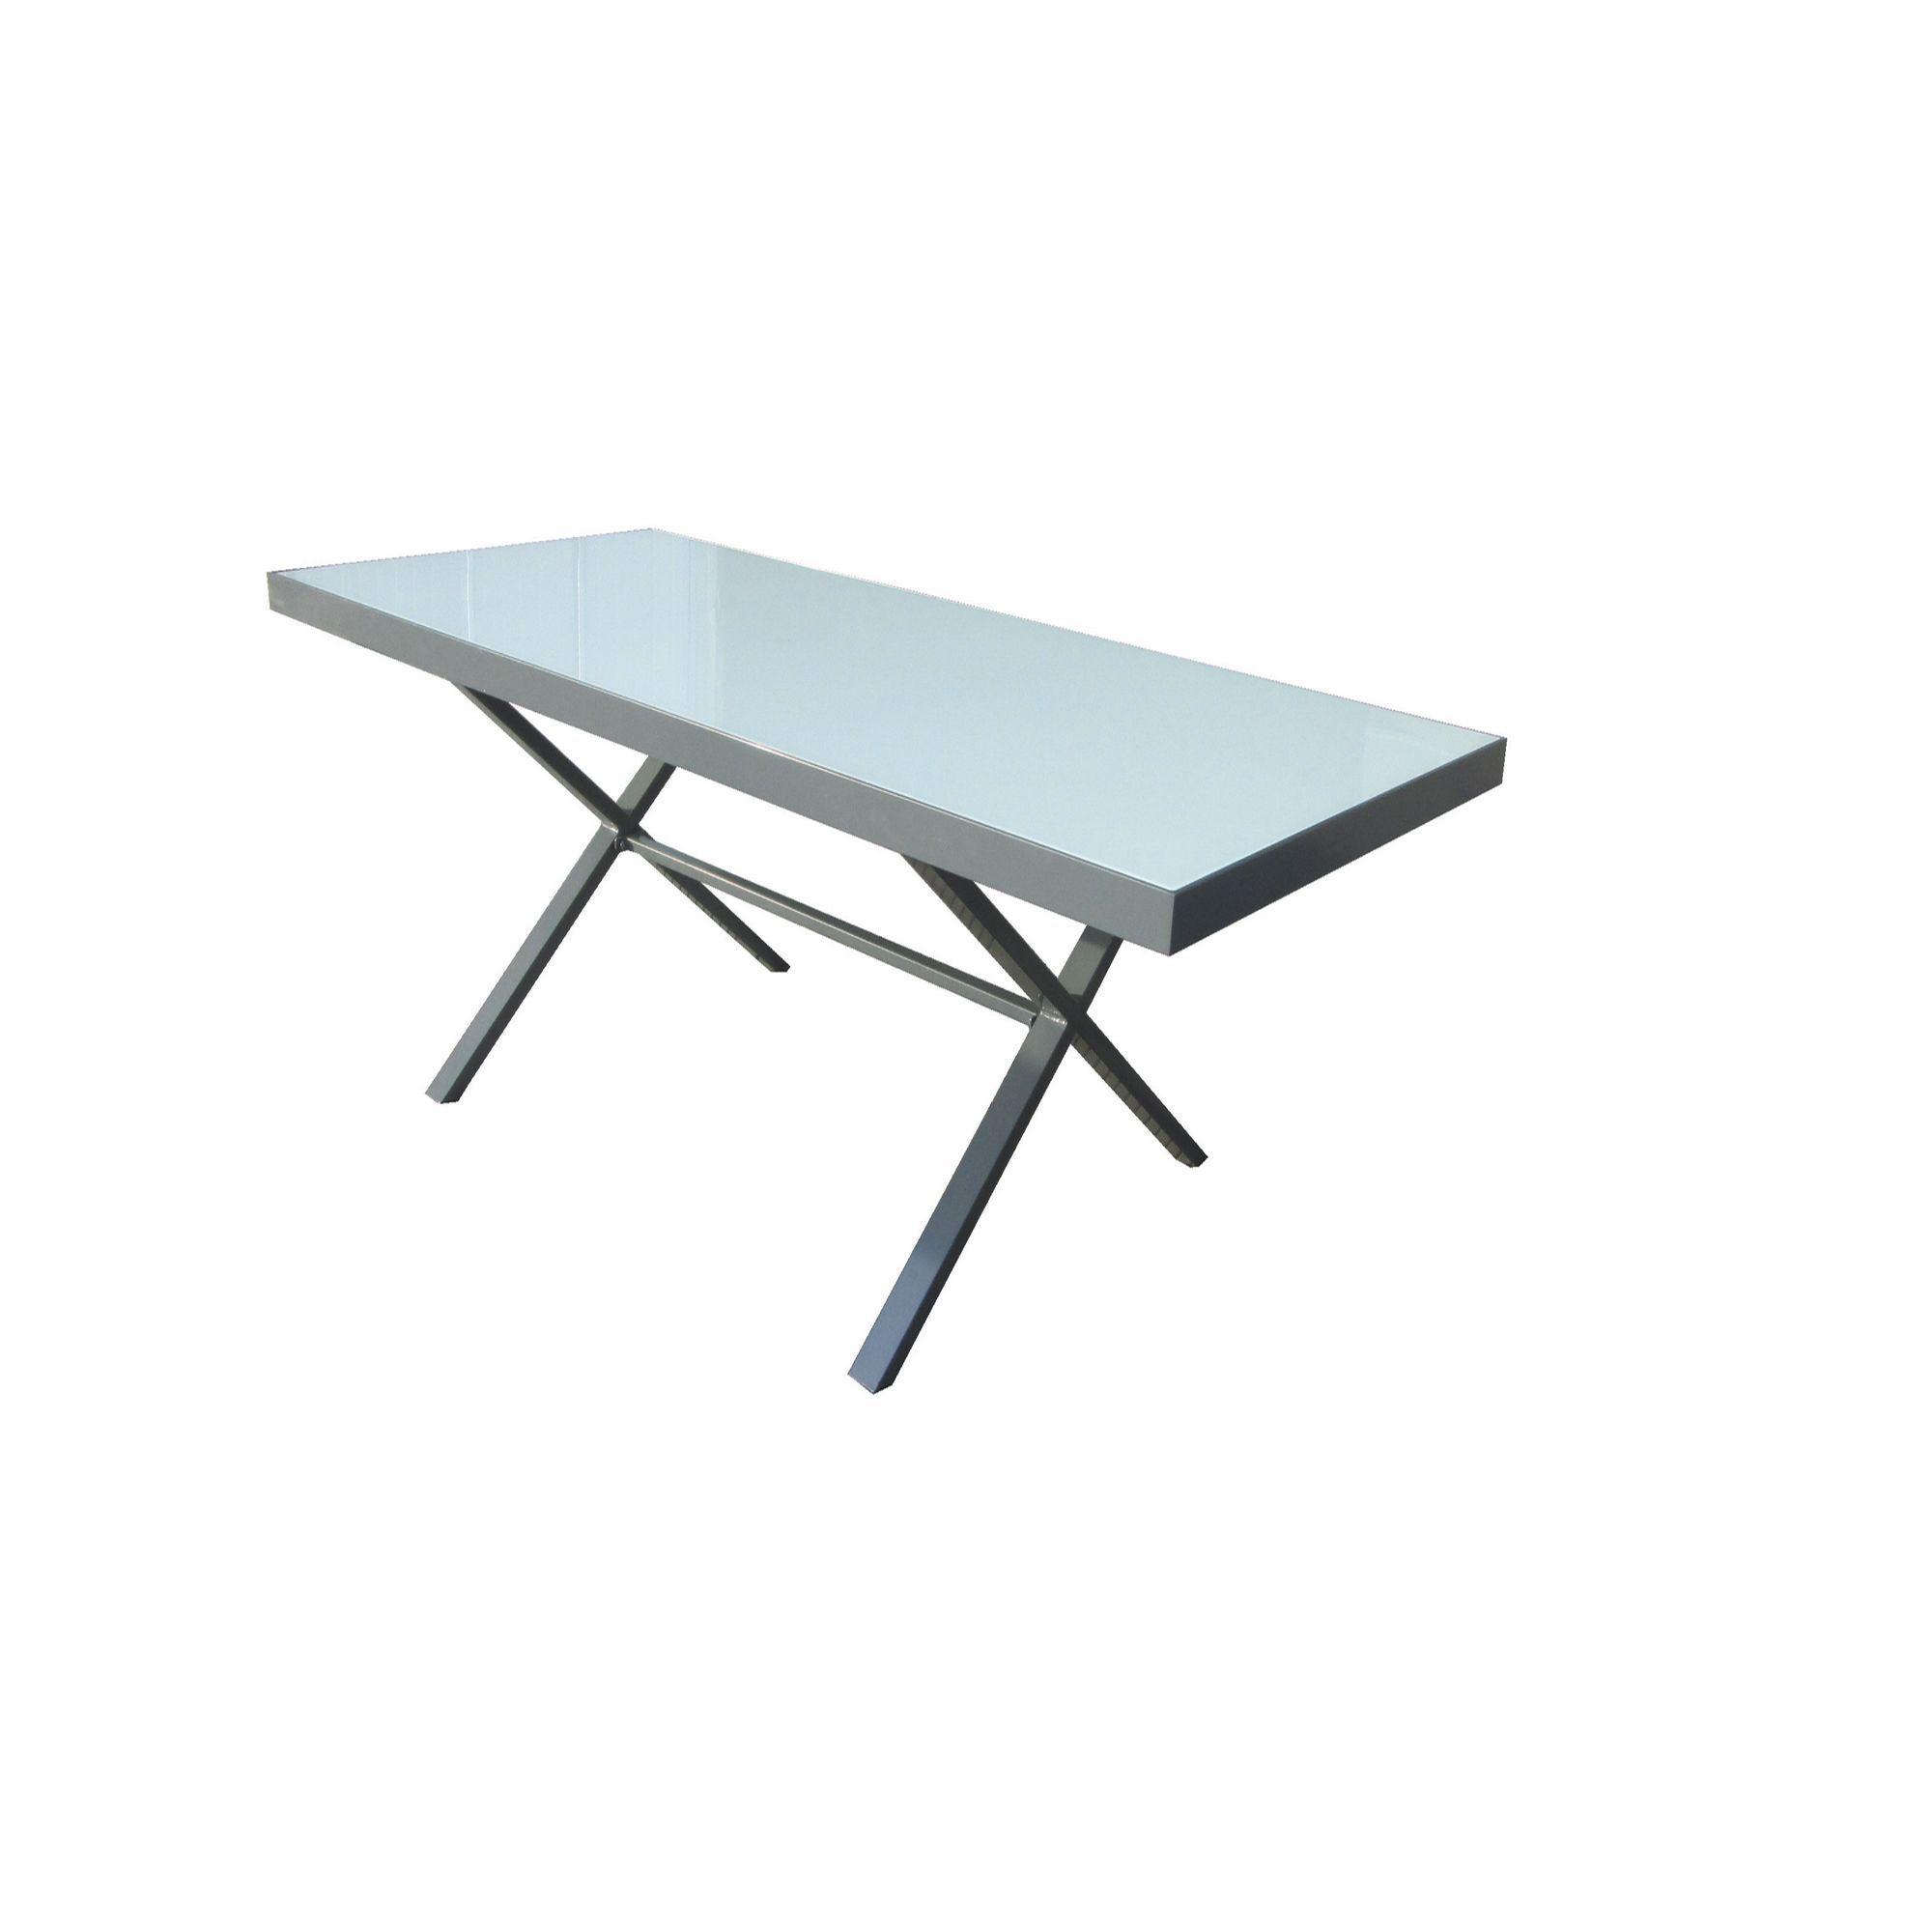 Table de jardin pieds croisés en aluminium et verre Noir/Blanc ...